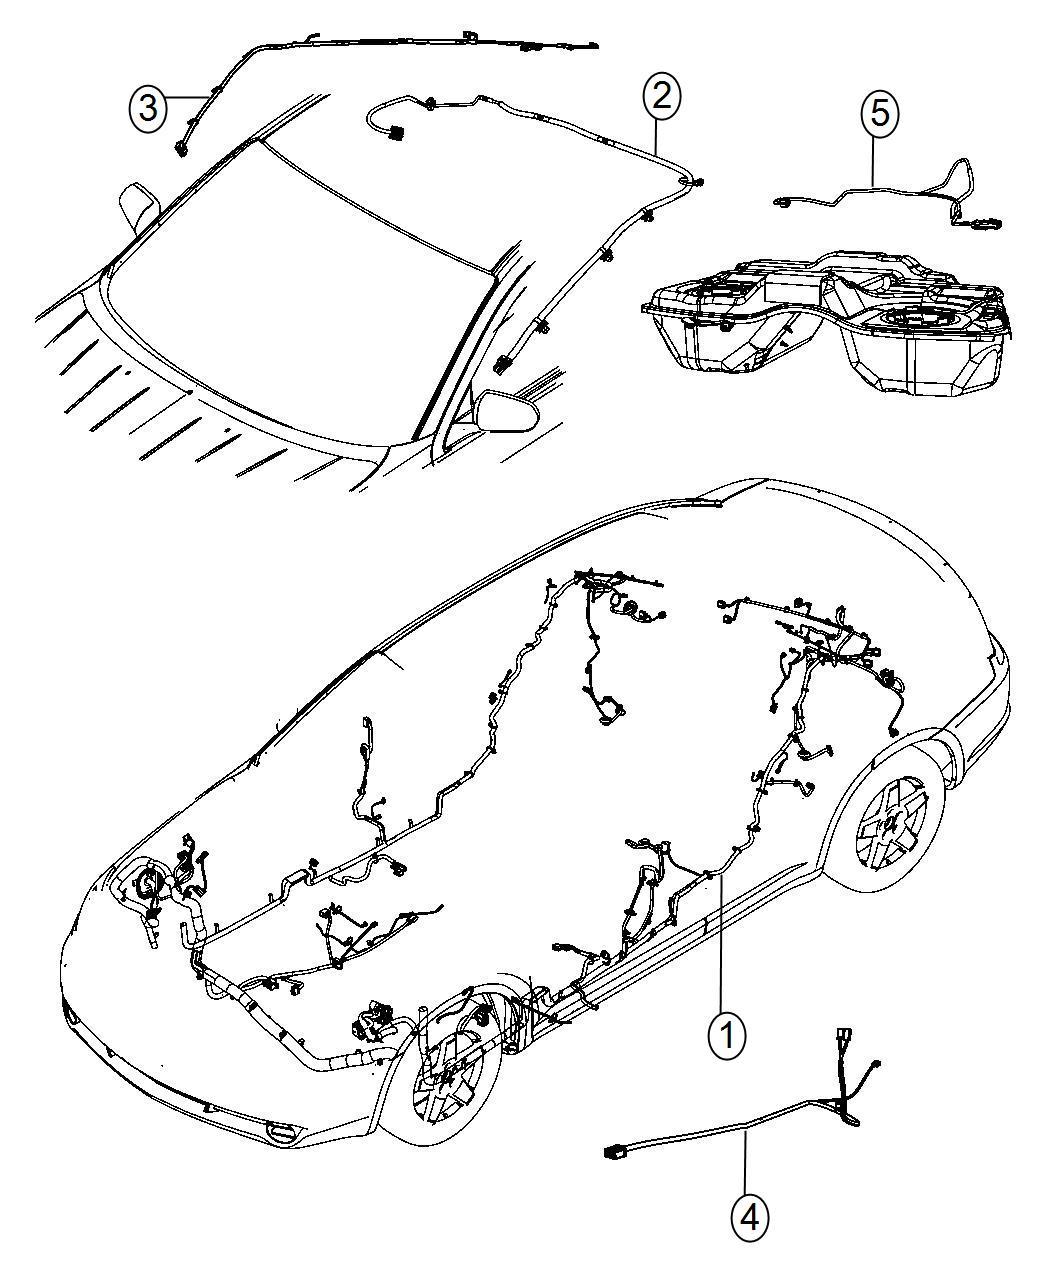 Chrysler 200 Wiring Unified Body Dvd Hdd Nav